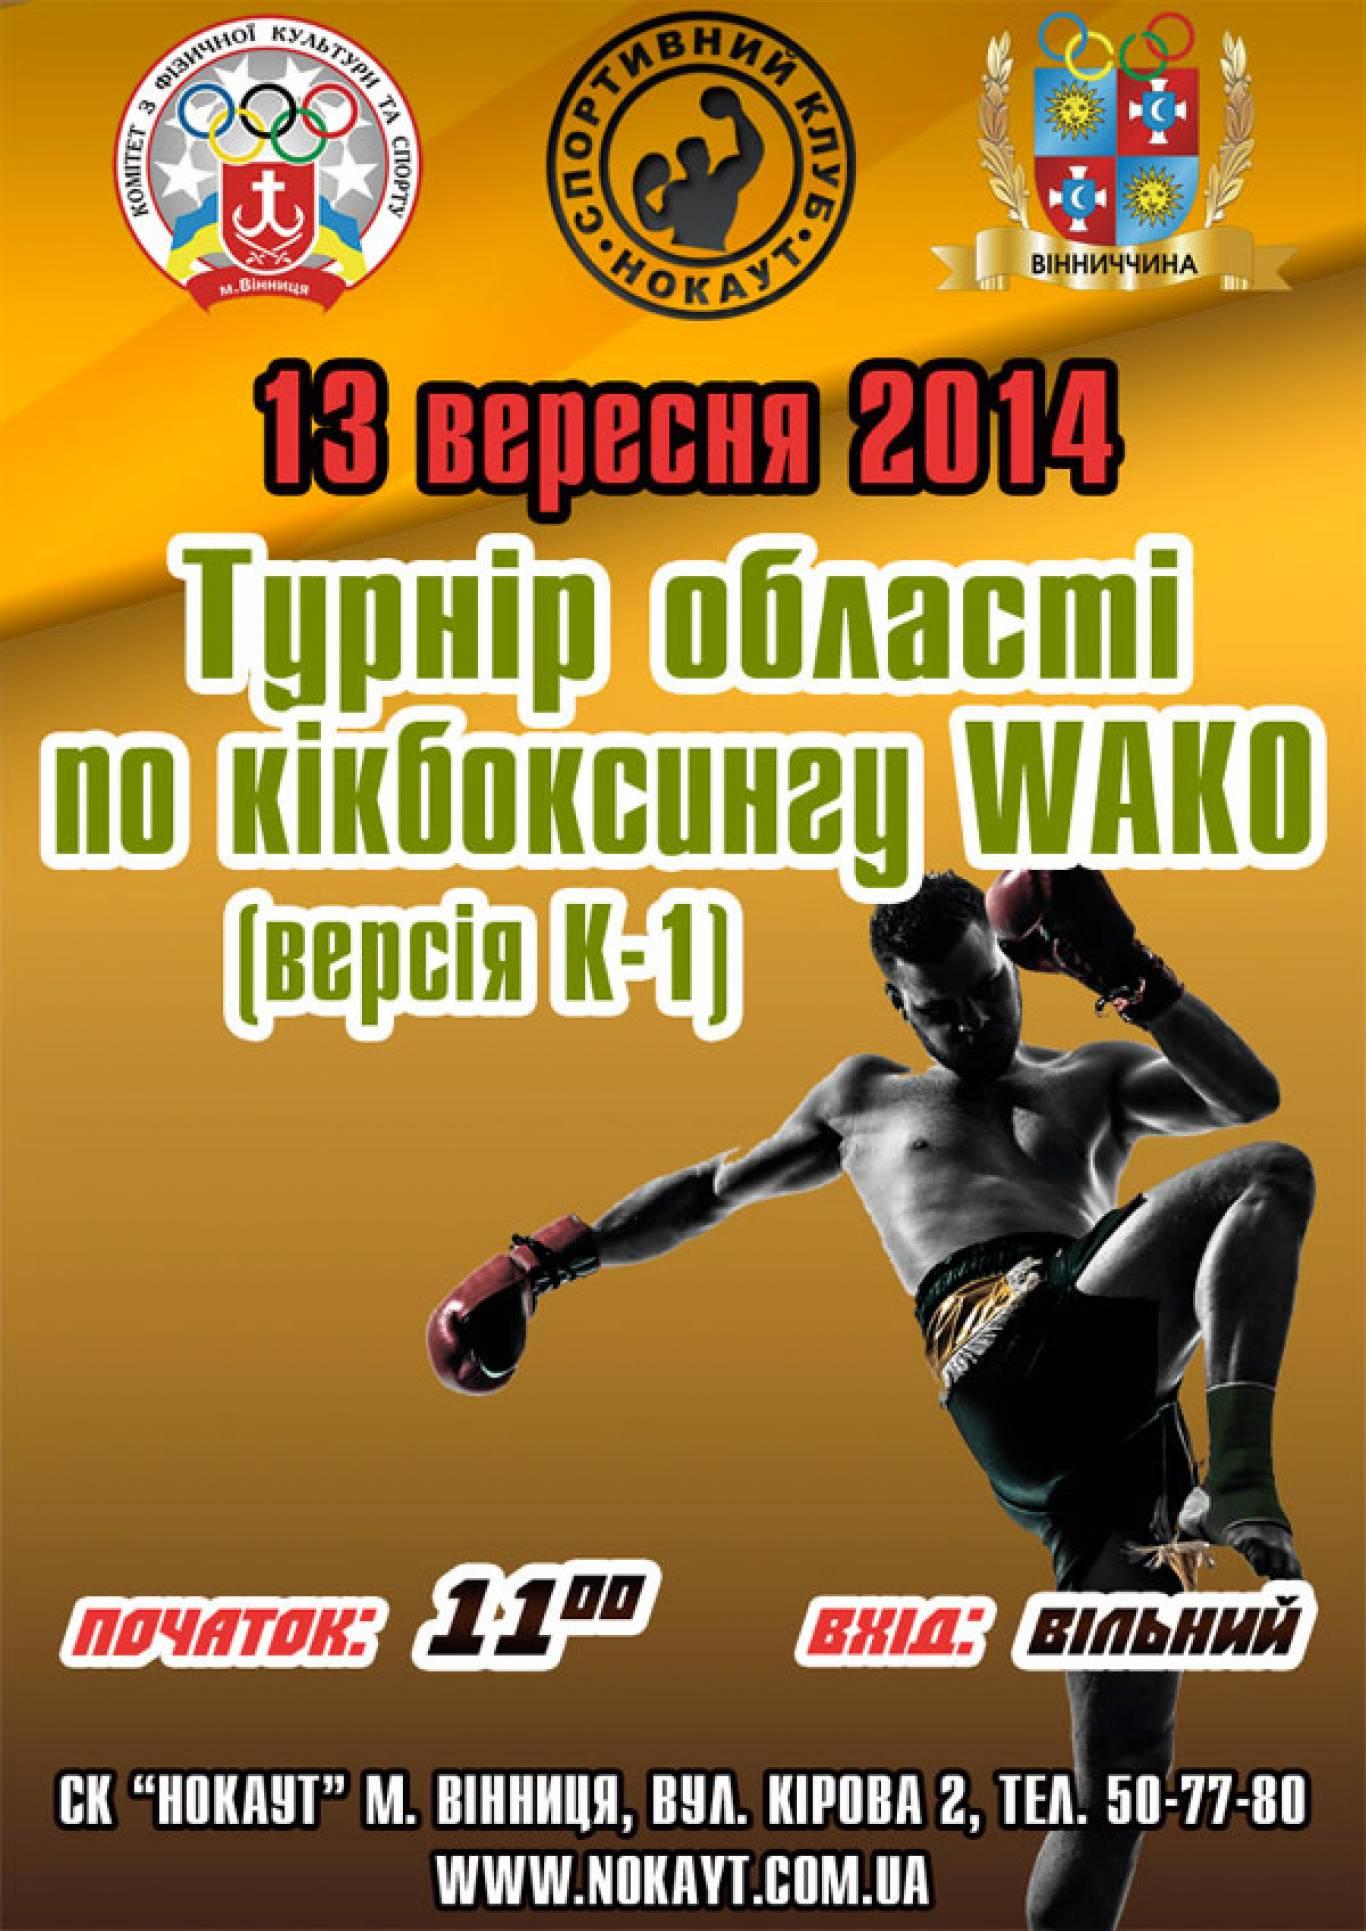 Турнір області по кікбоксингу